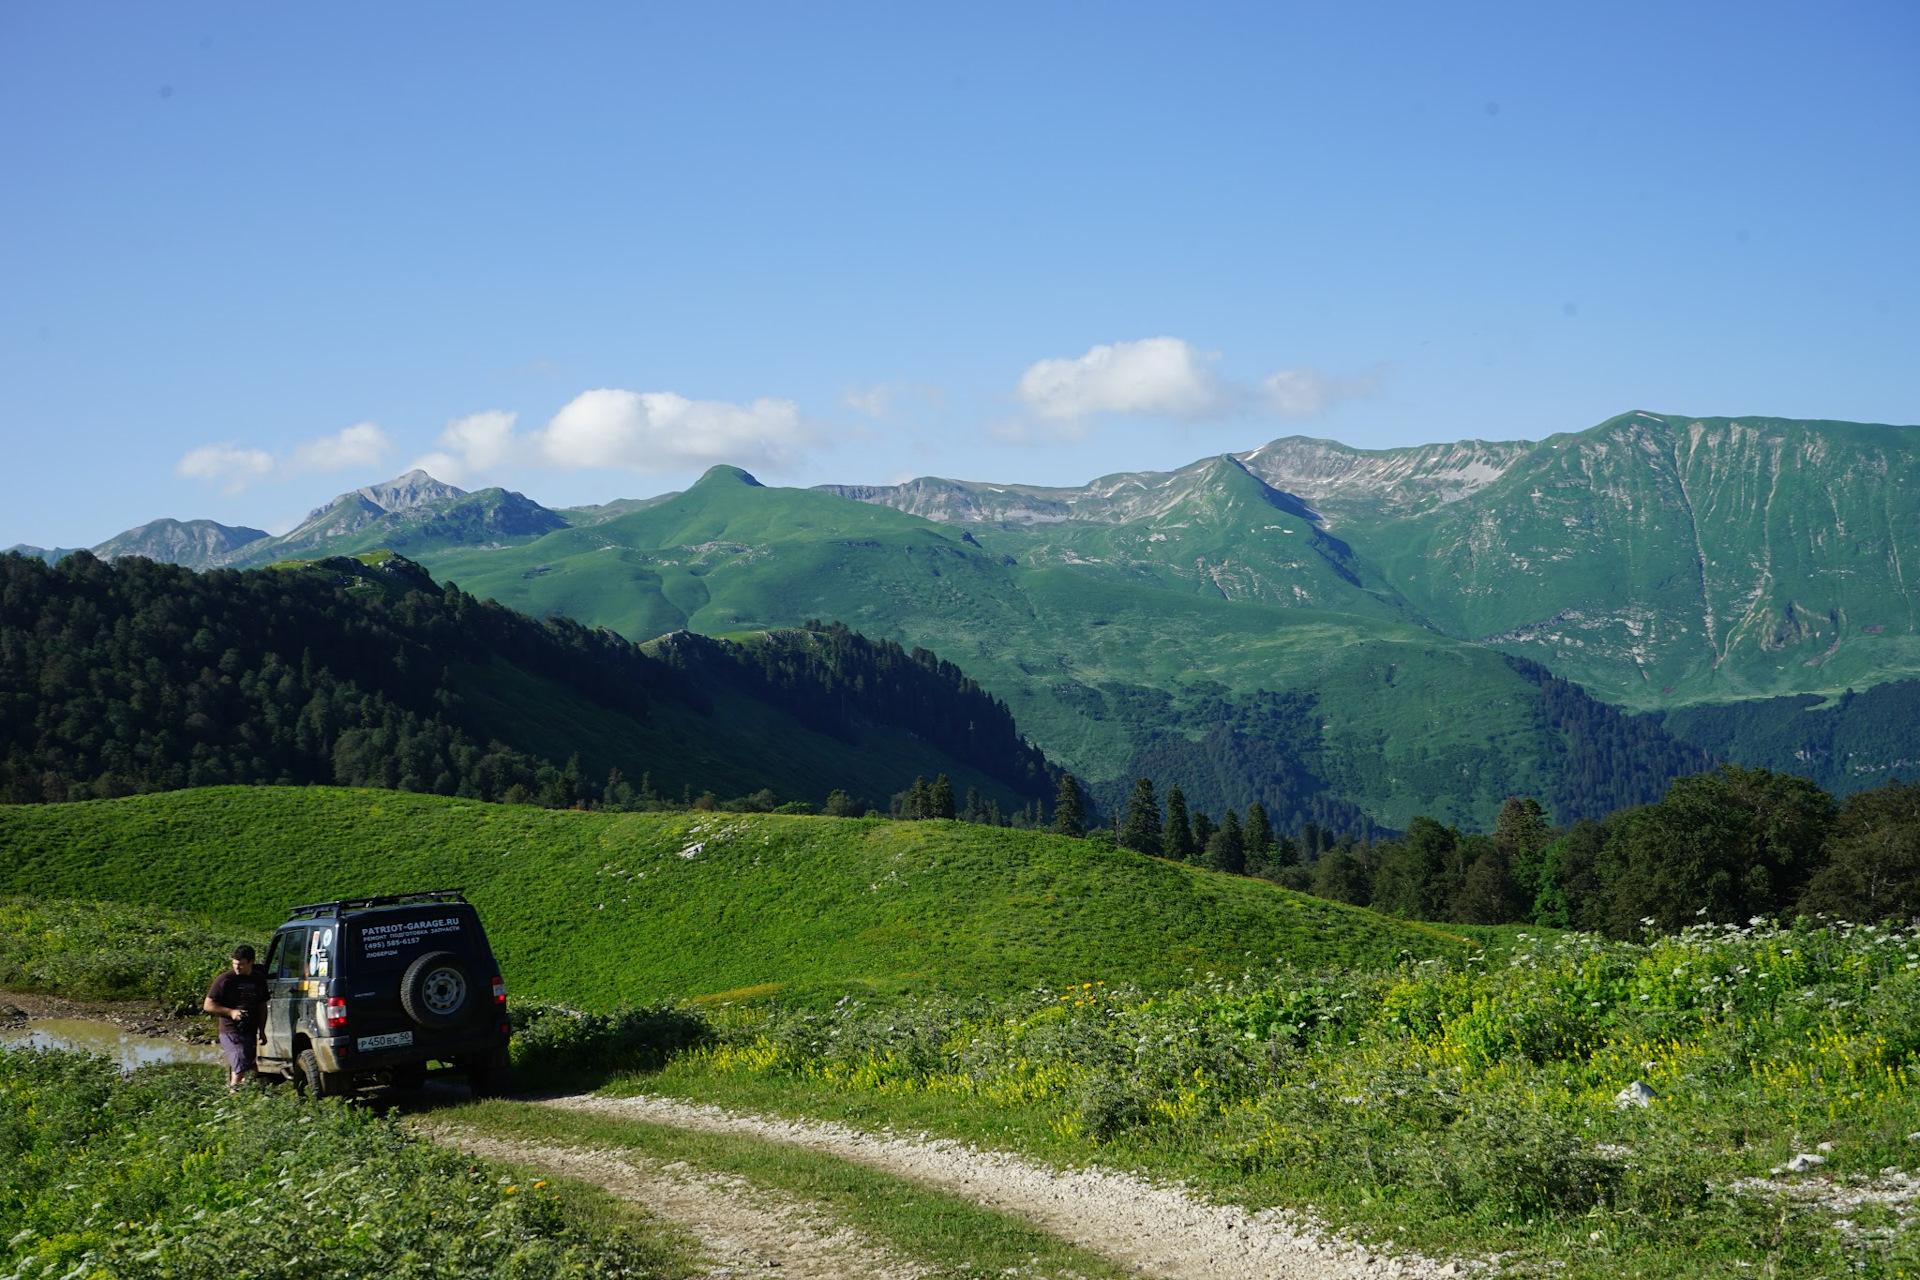 остаться альпийские луга в абхазии фото они высохнут